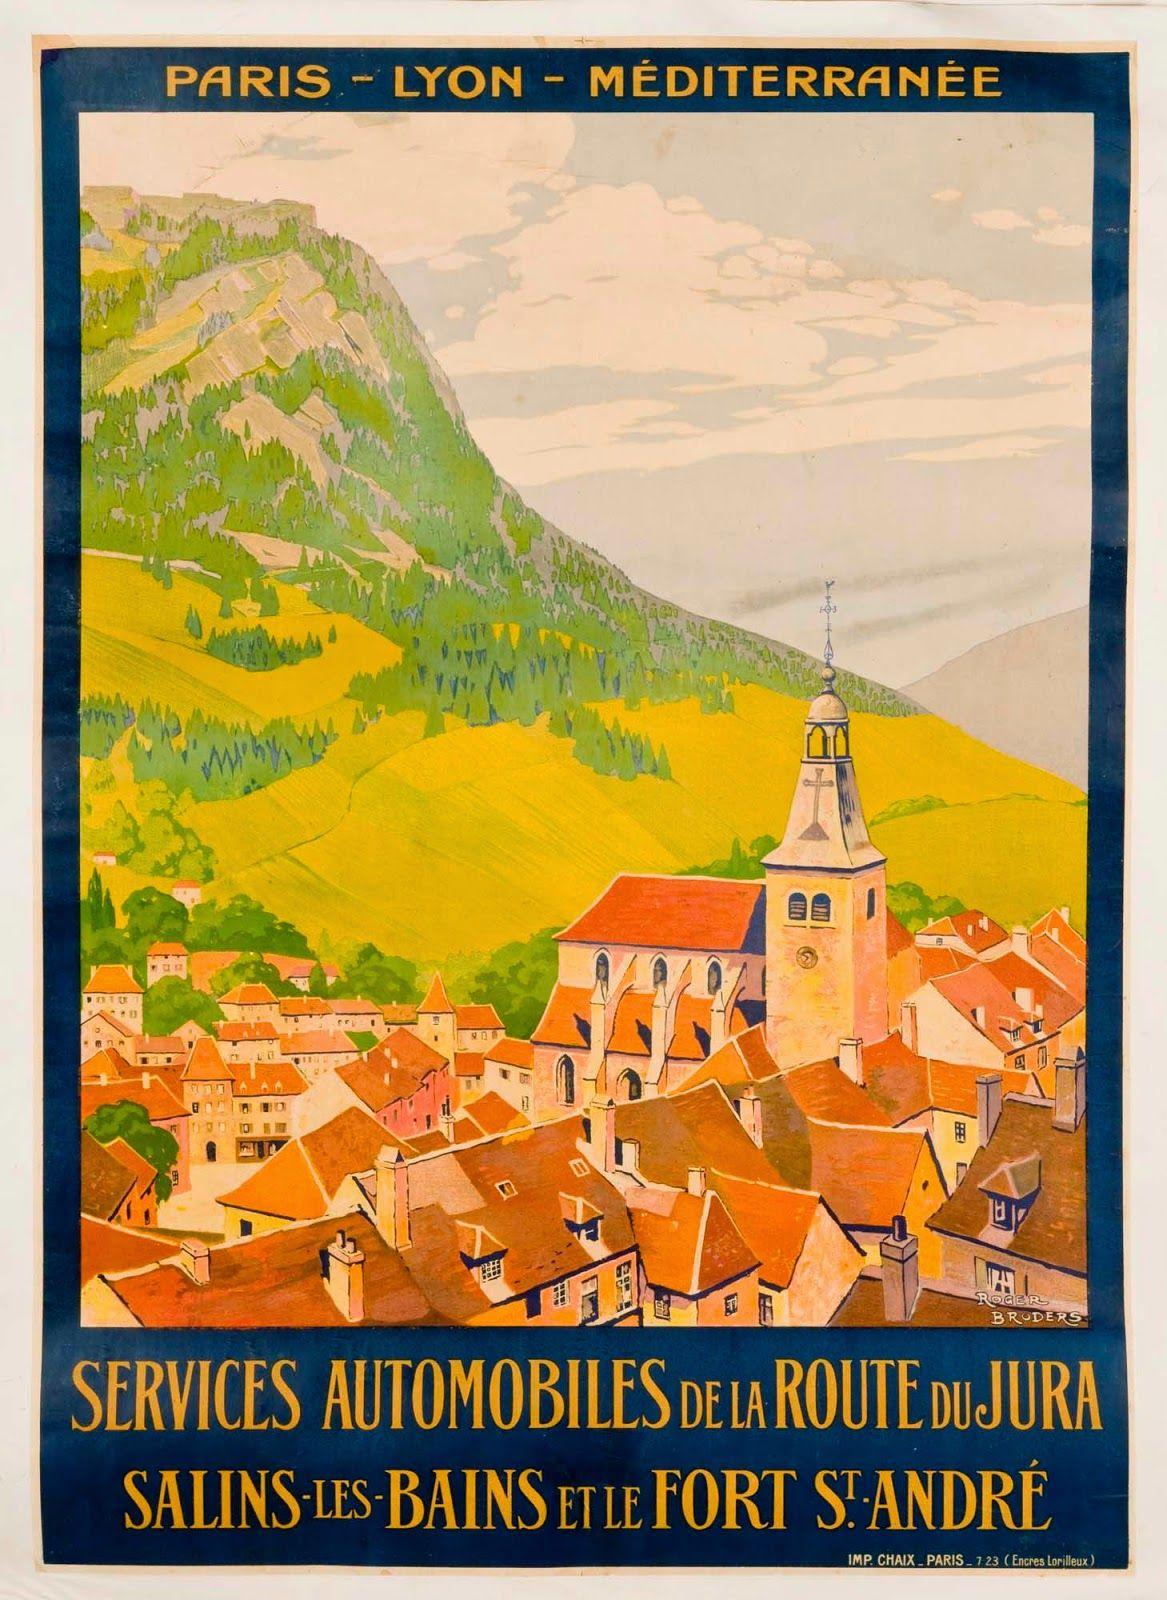 Vintage Travel Posters Part 2 Affiche De Voyage Affiches De Voyage Retro Voyage Vintage